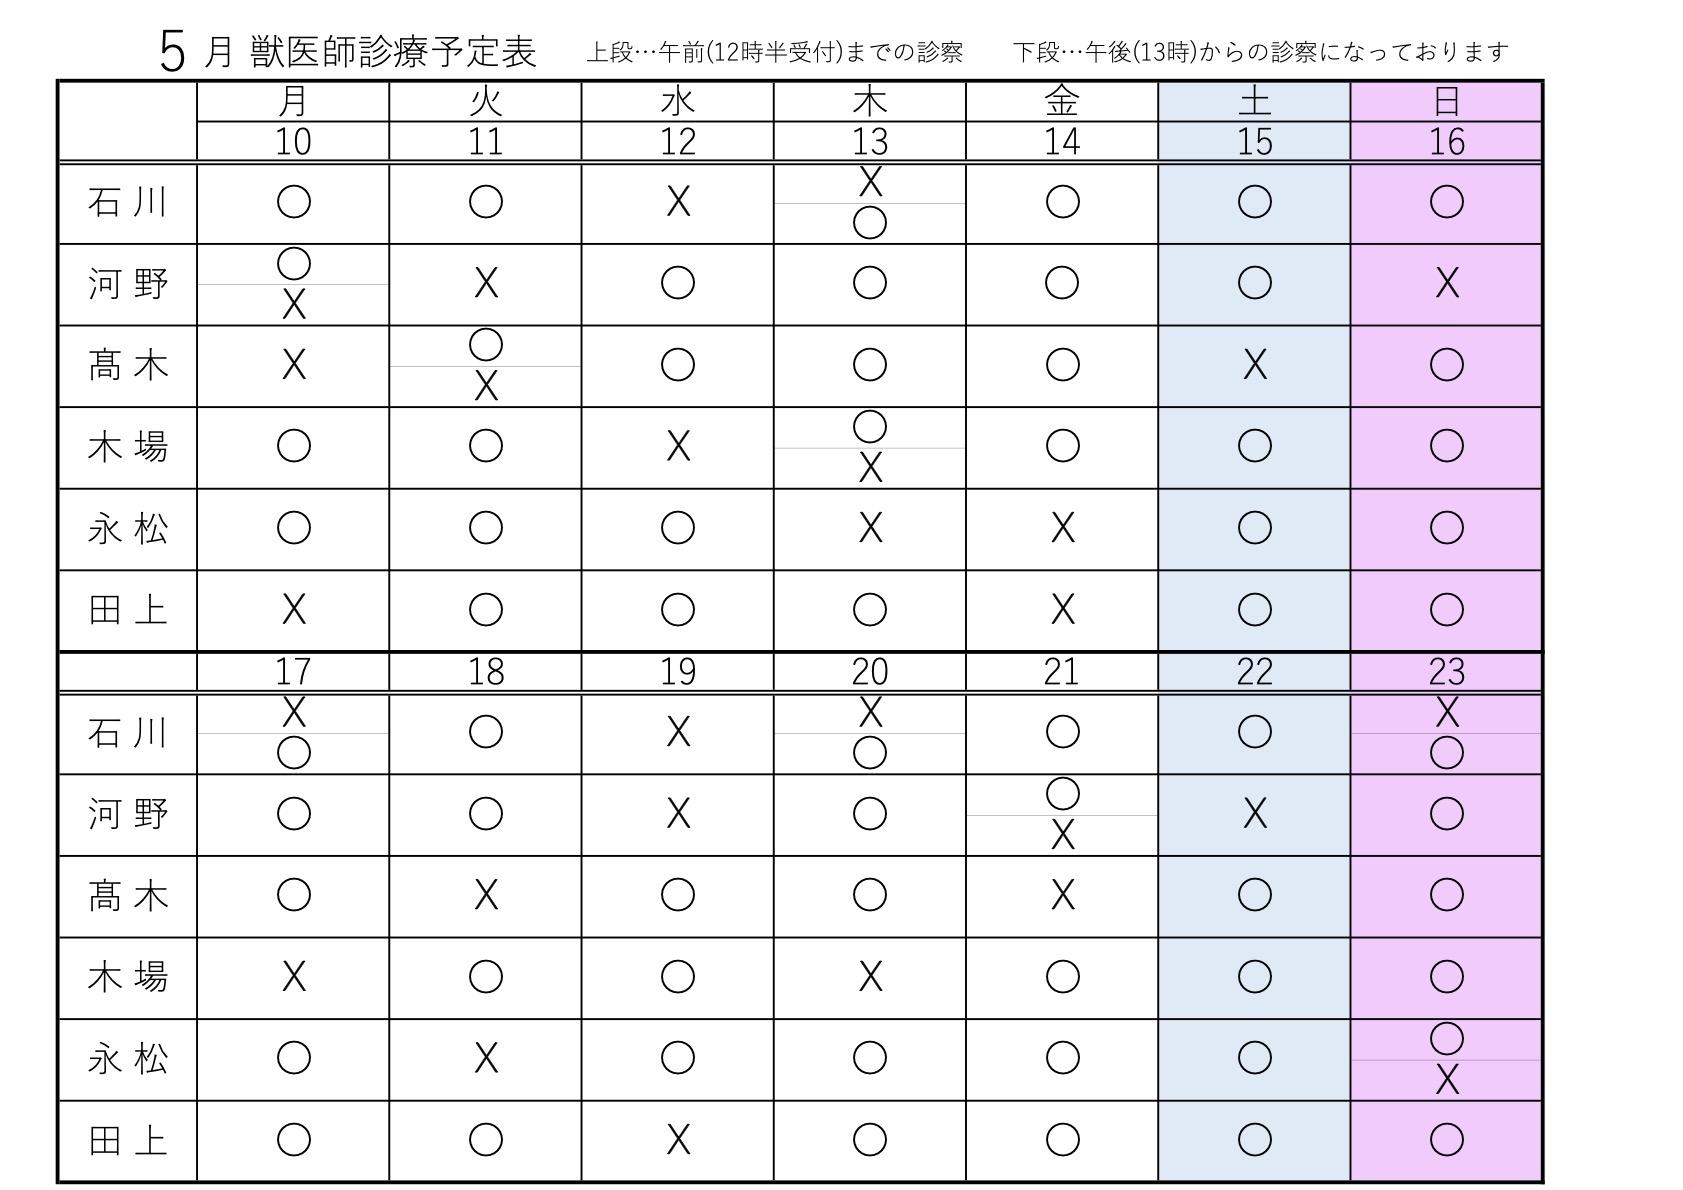 5月10〜23日 獣医師診療予定表